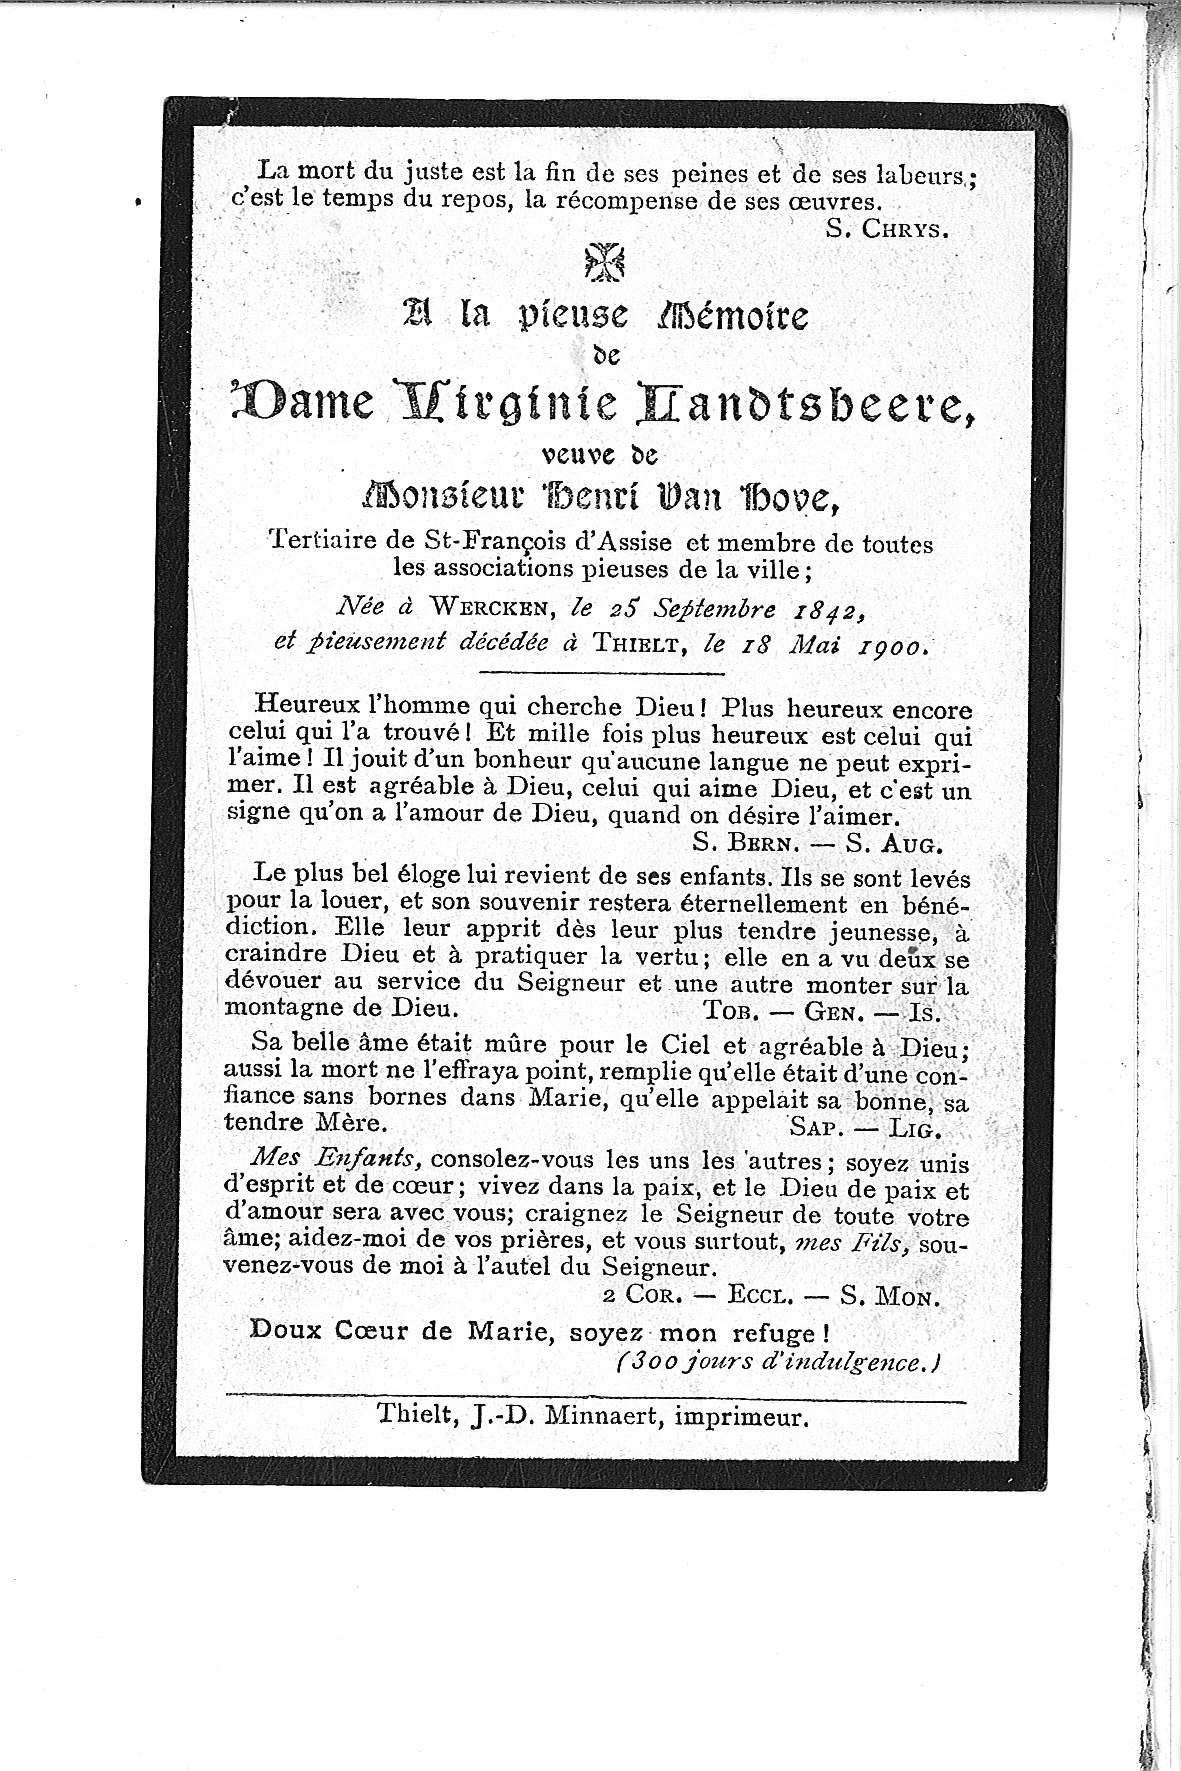 Virginie(1900)20110823141823_00001.jpg